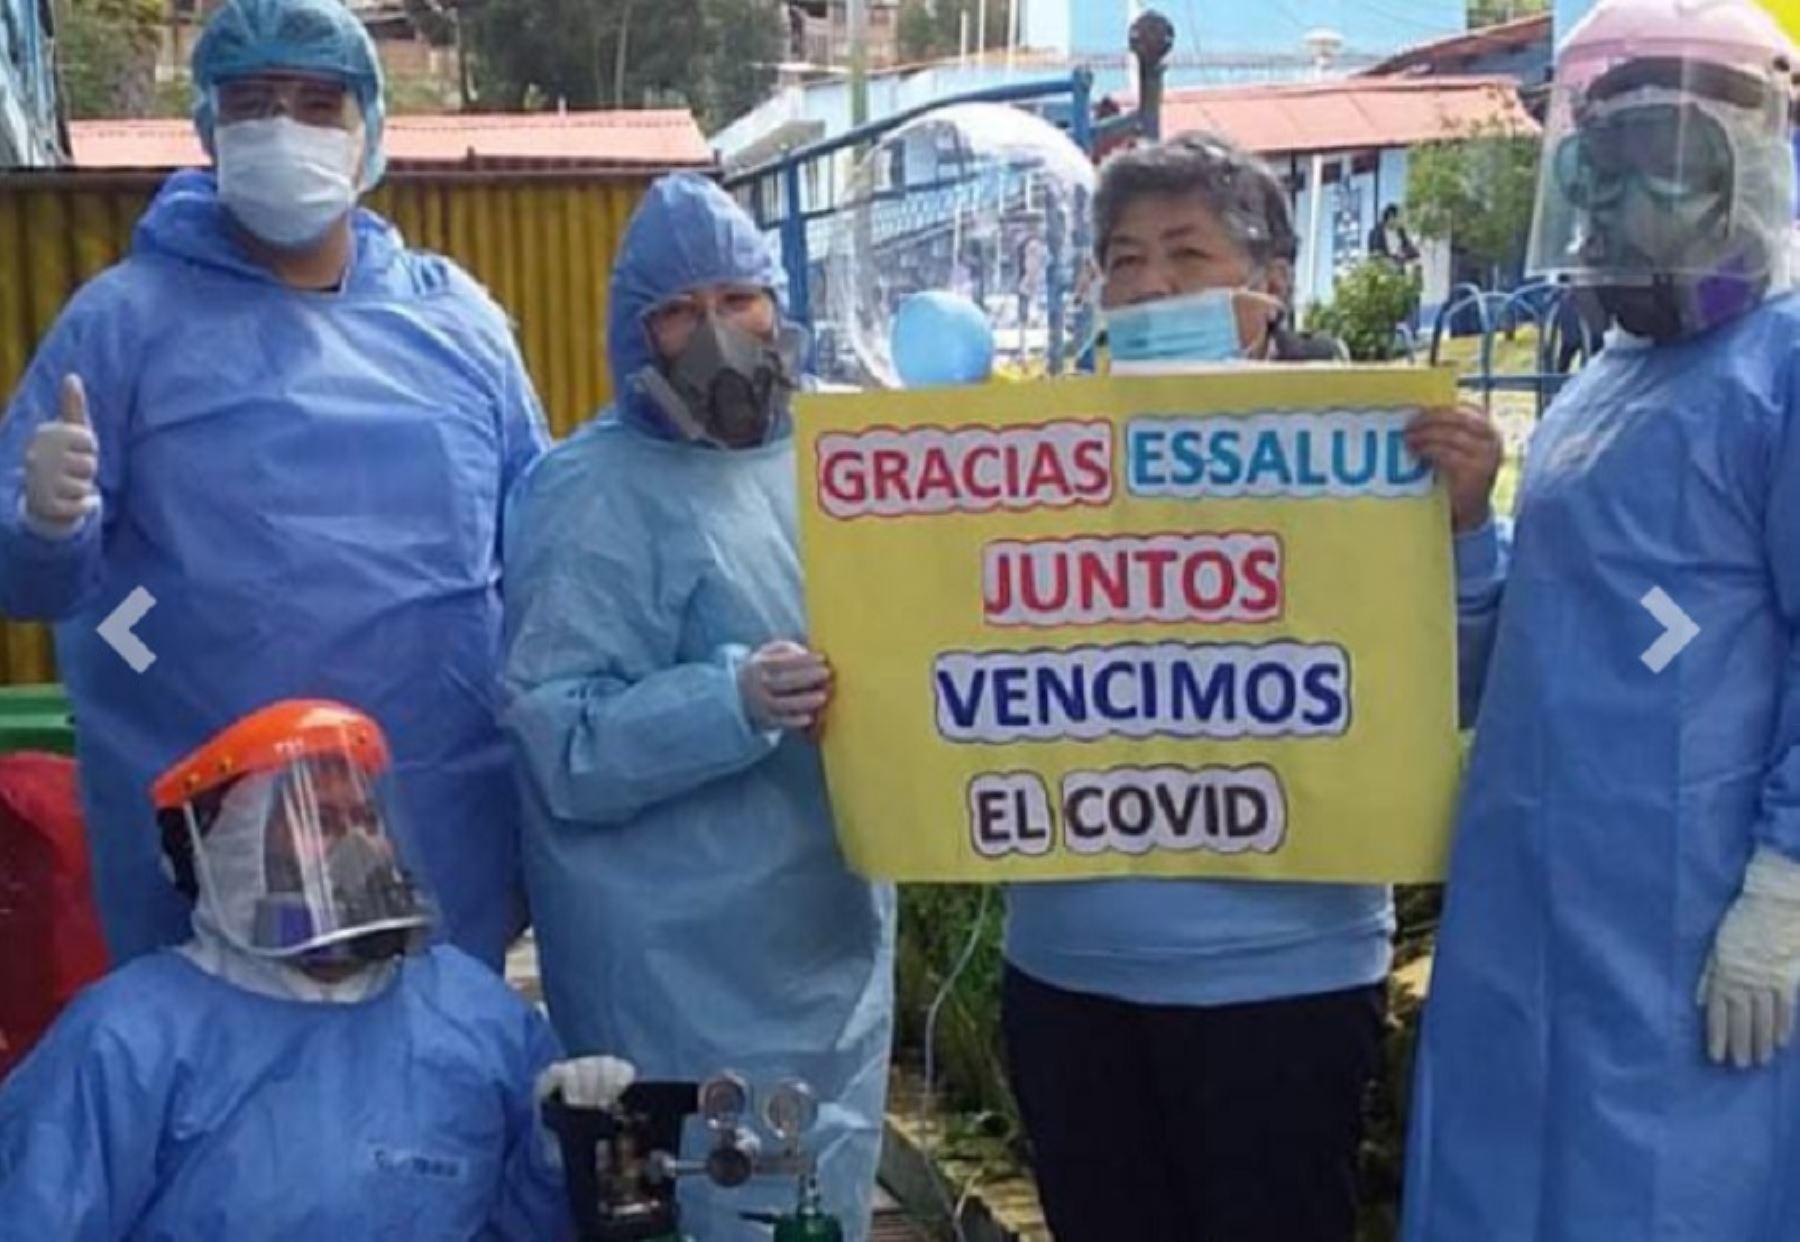 Victoria Cadillo Méndez, de 52 años de edad, venció al covid-19 luego de permanecer 46 días hospitalizados en el Hospital II- Huaraz, donde fue salvada gracias a la buena atención de los médicos del nosocomio.